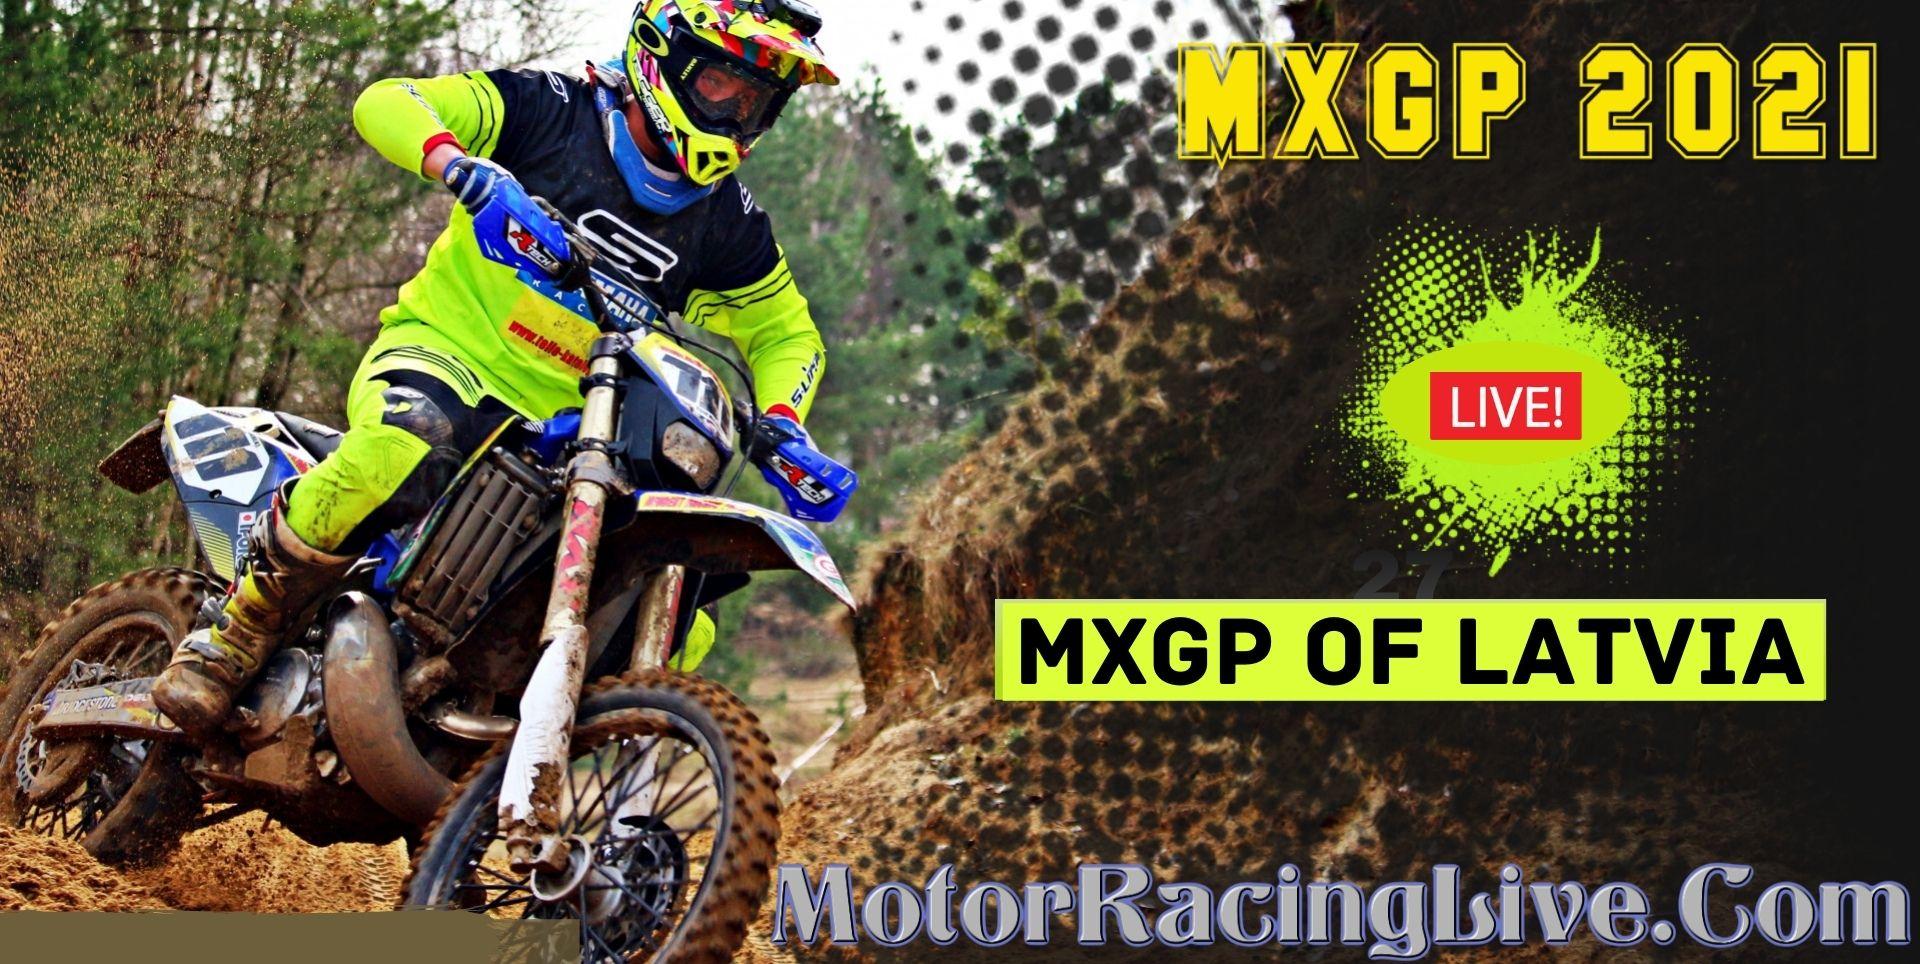 MXGP OF LATVIA 2021 Live Stream